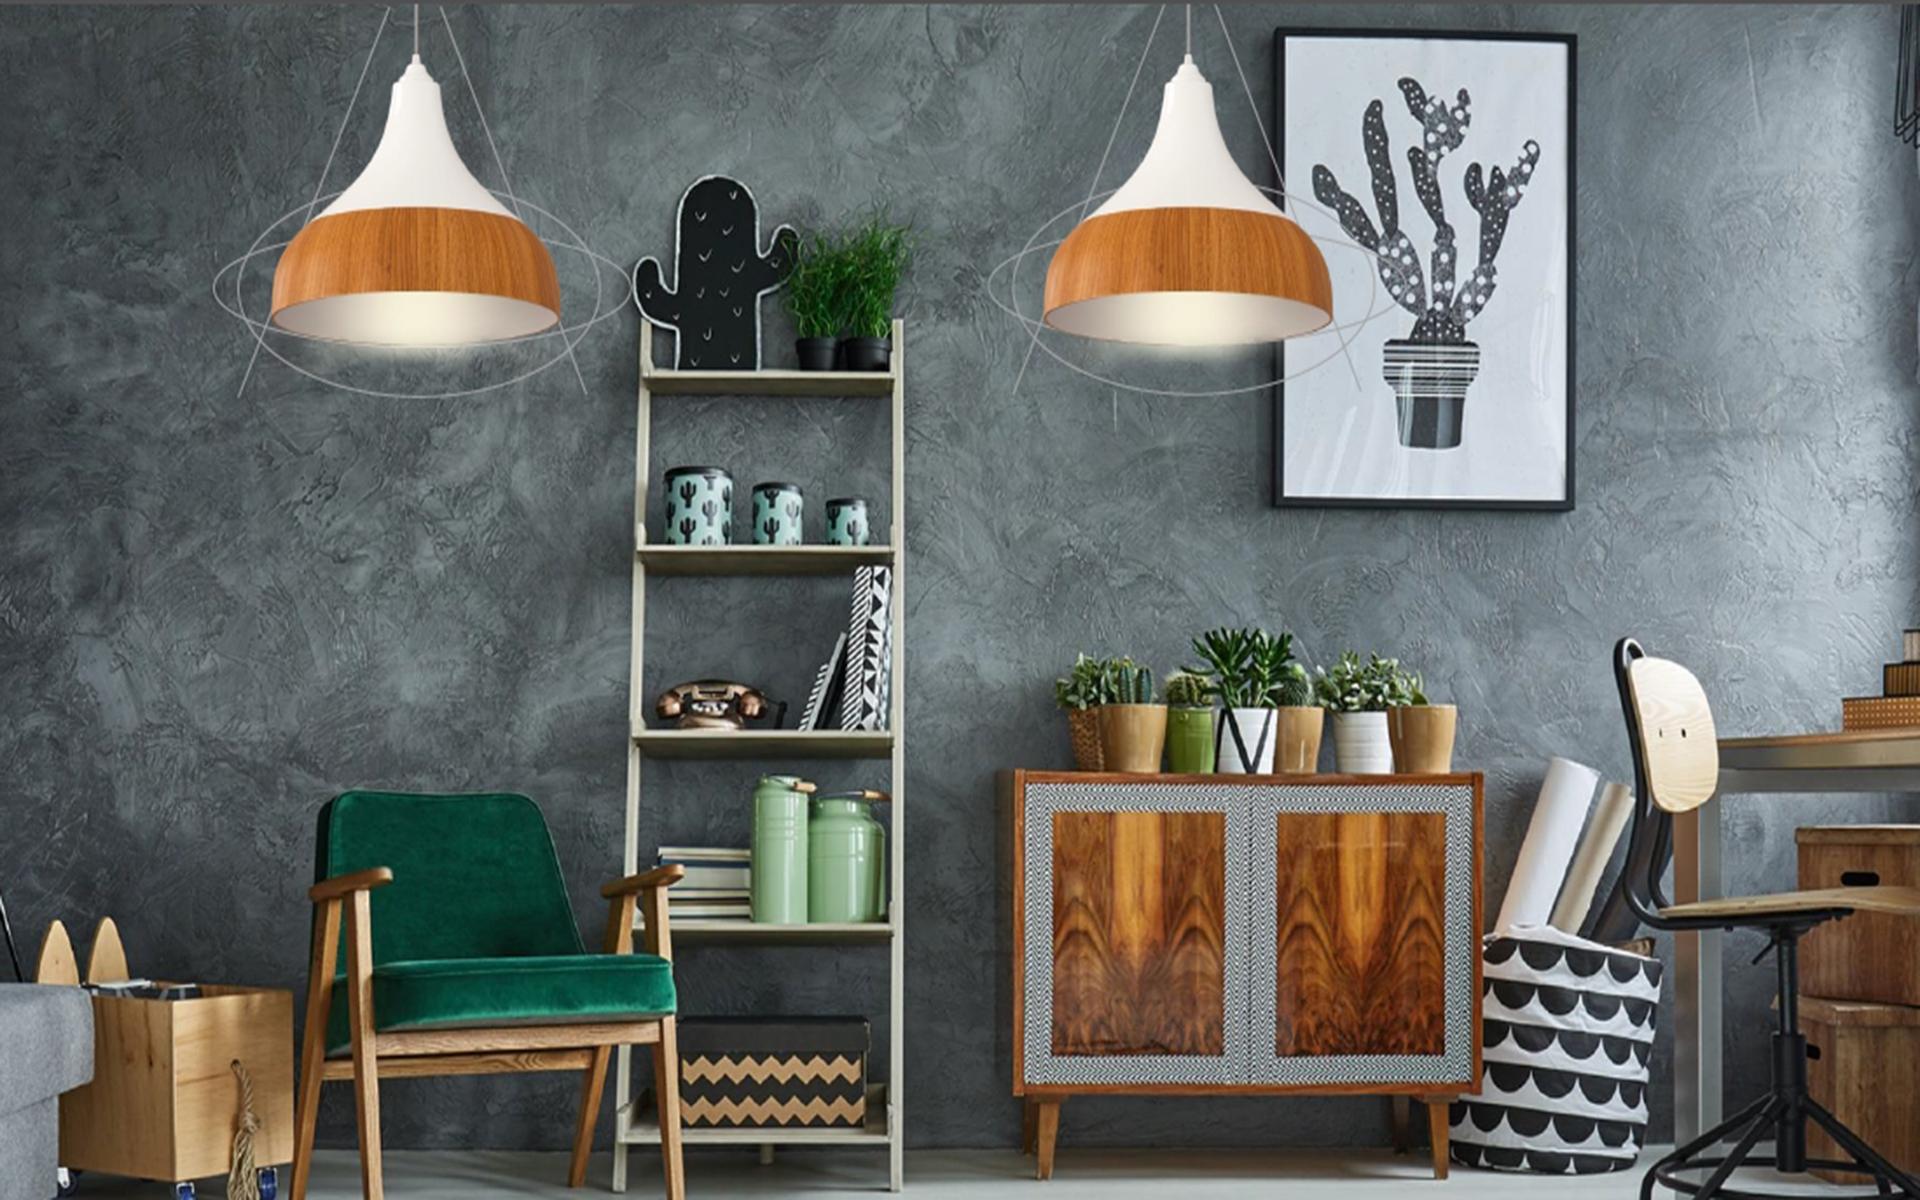 ventilador de teto Spirit - Blog Myspirit - capa blog - dicas simples de decoração